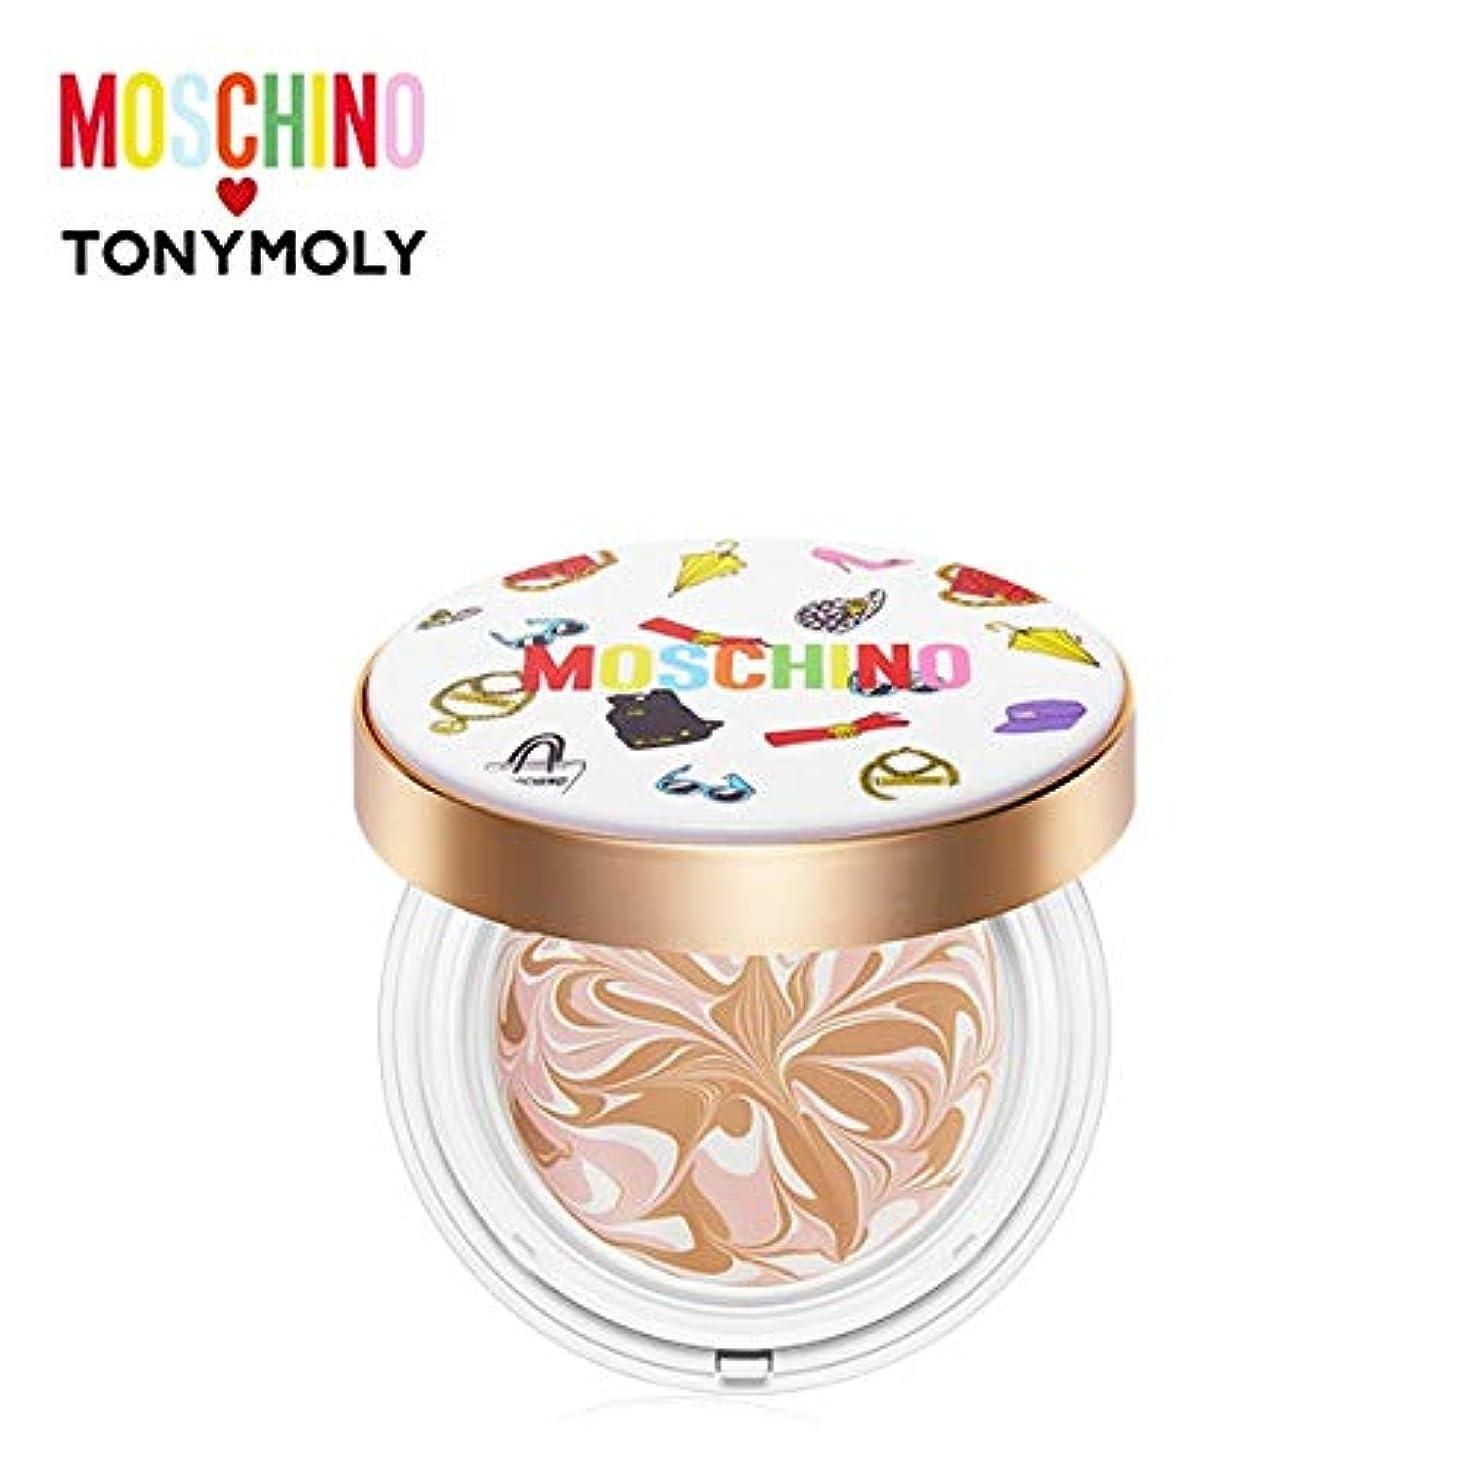 低下案件マダムトニーモリー [モスキーノ] シック スキン エッセンス パクト 18g TONYMOLY [MOSCHINO] Chic Skin Essence Pact #02 CHIC BEIGE [並行輸入品]